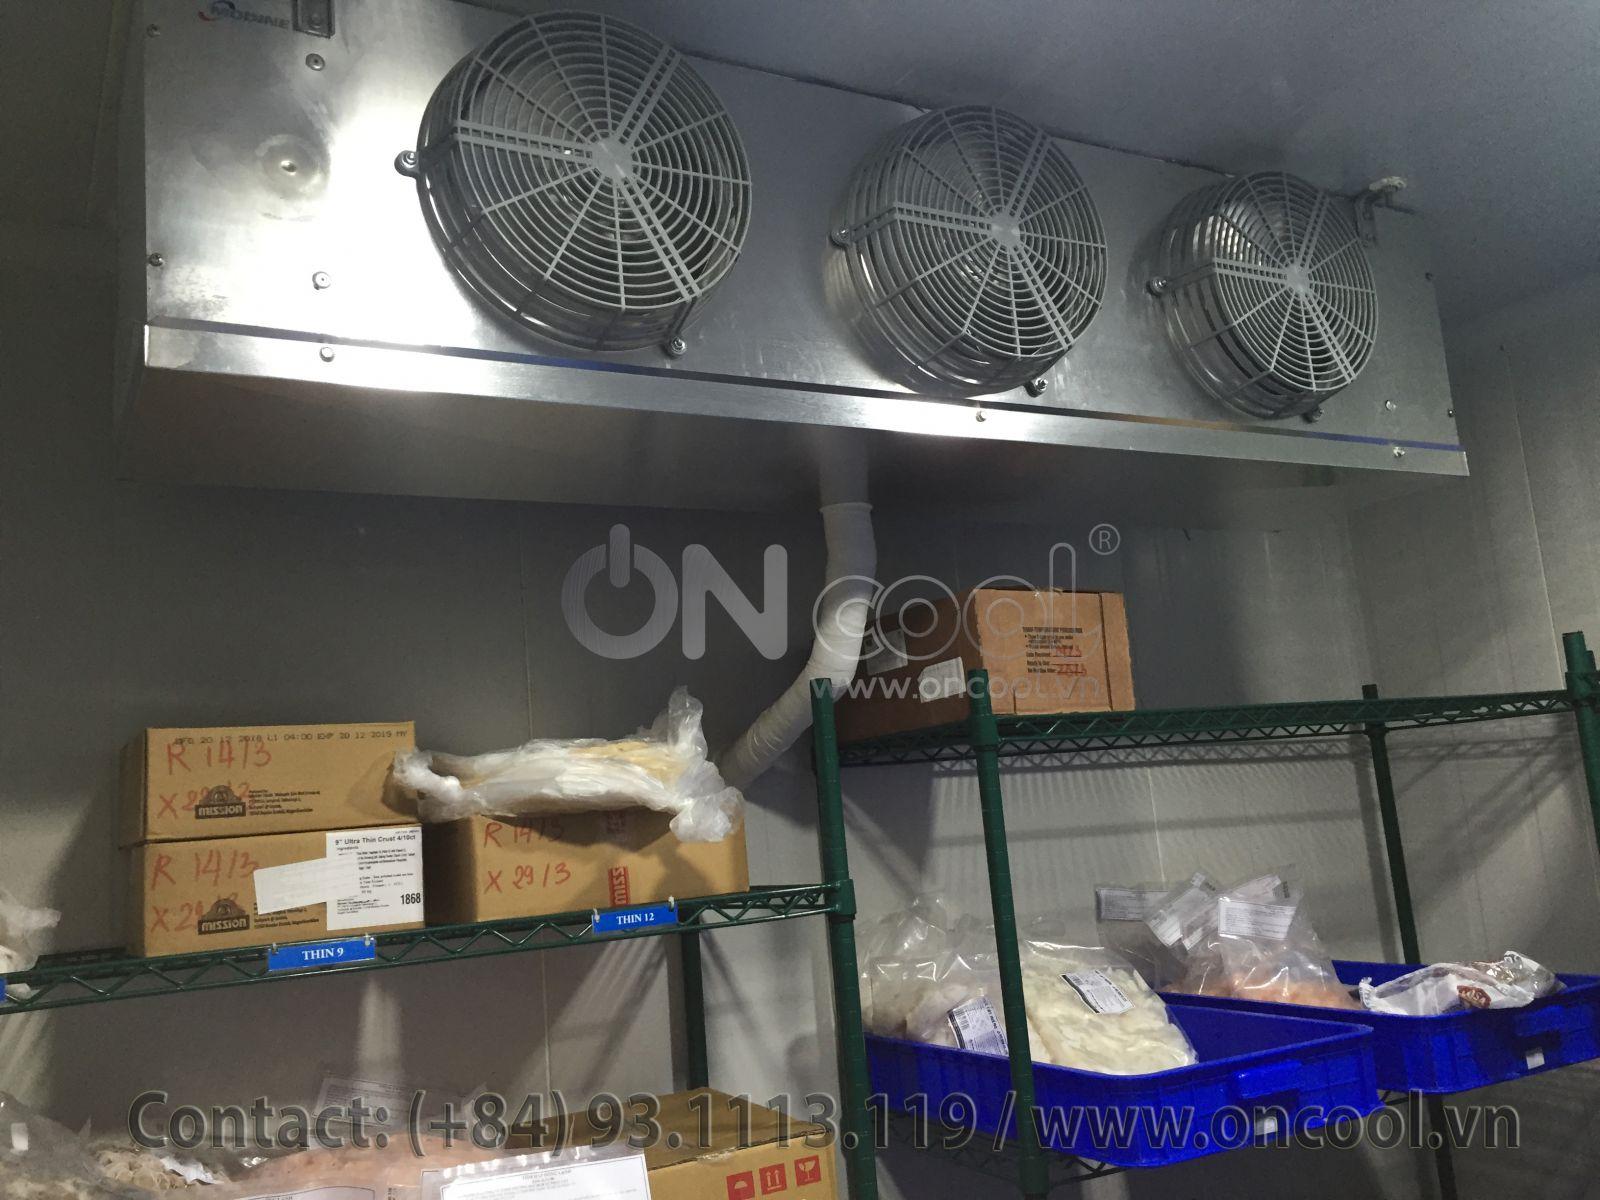 Kho lạnh bảo quản thực phẩm tại quận 1